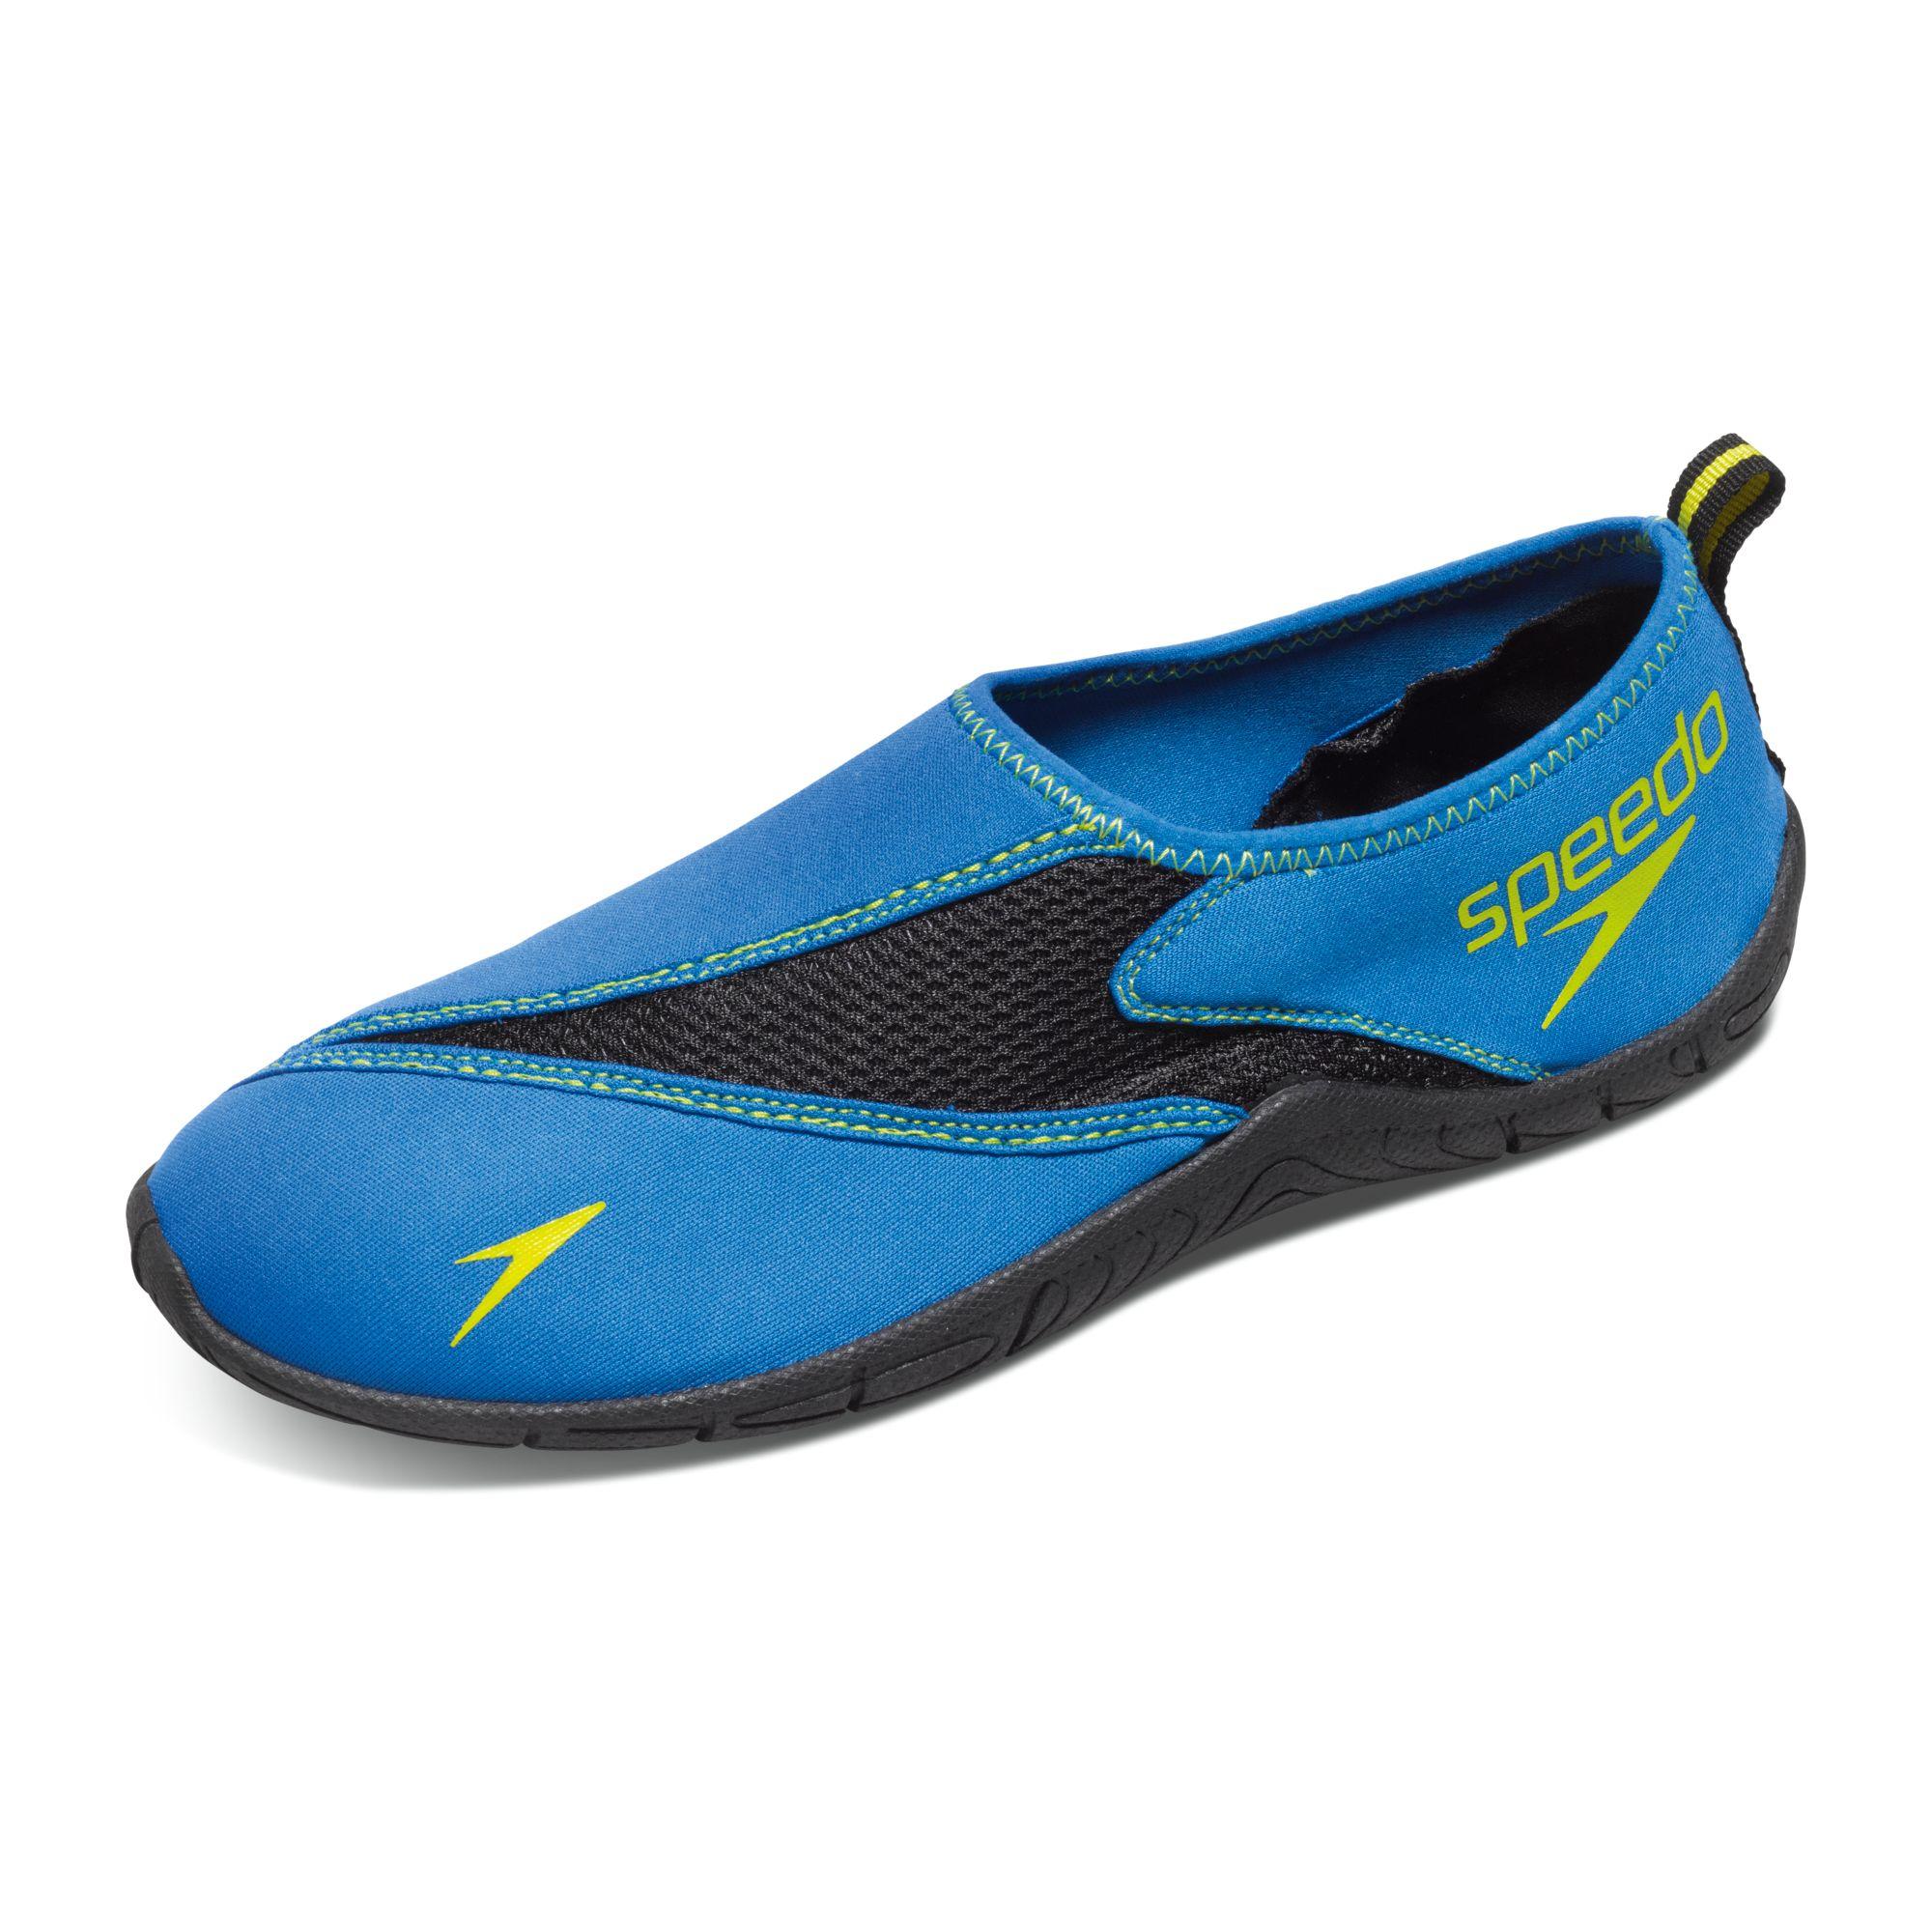 Speedo Men S Surfwalker Water Shoes